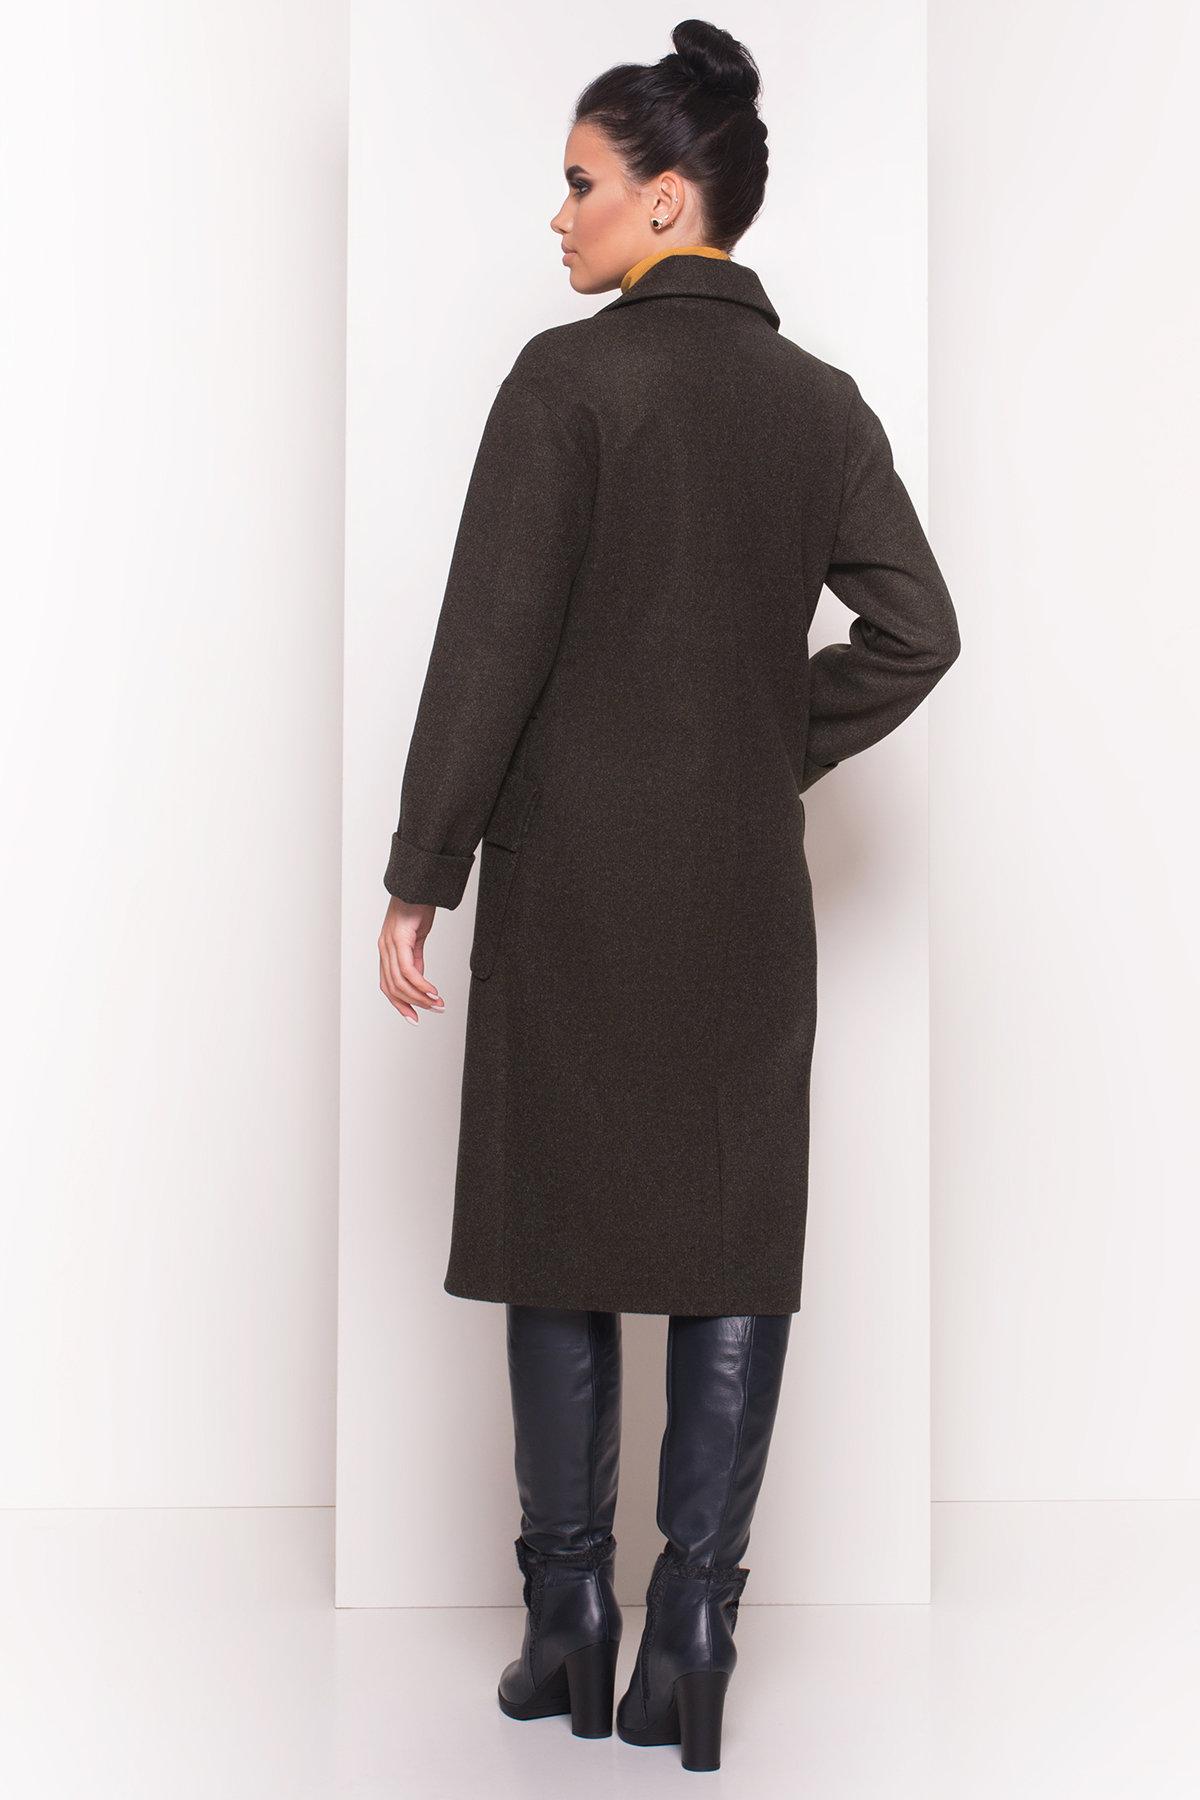 Пальто Парма 4425 Цвет: Хаки 16